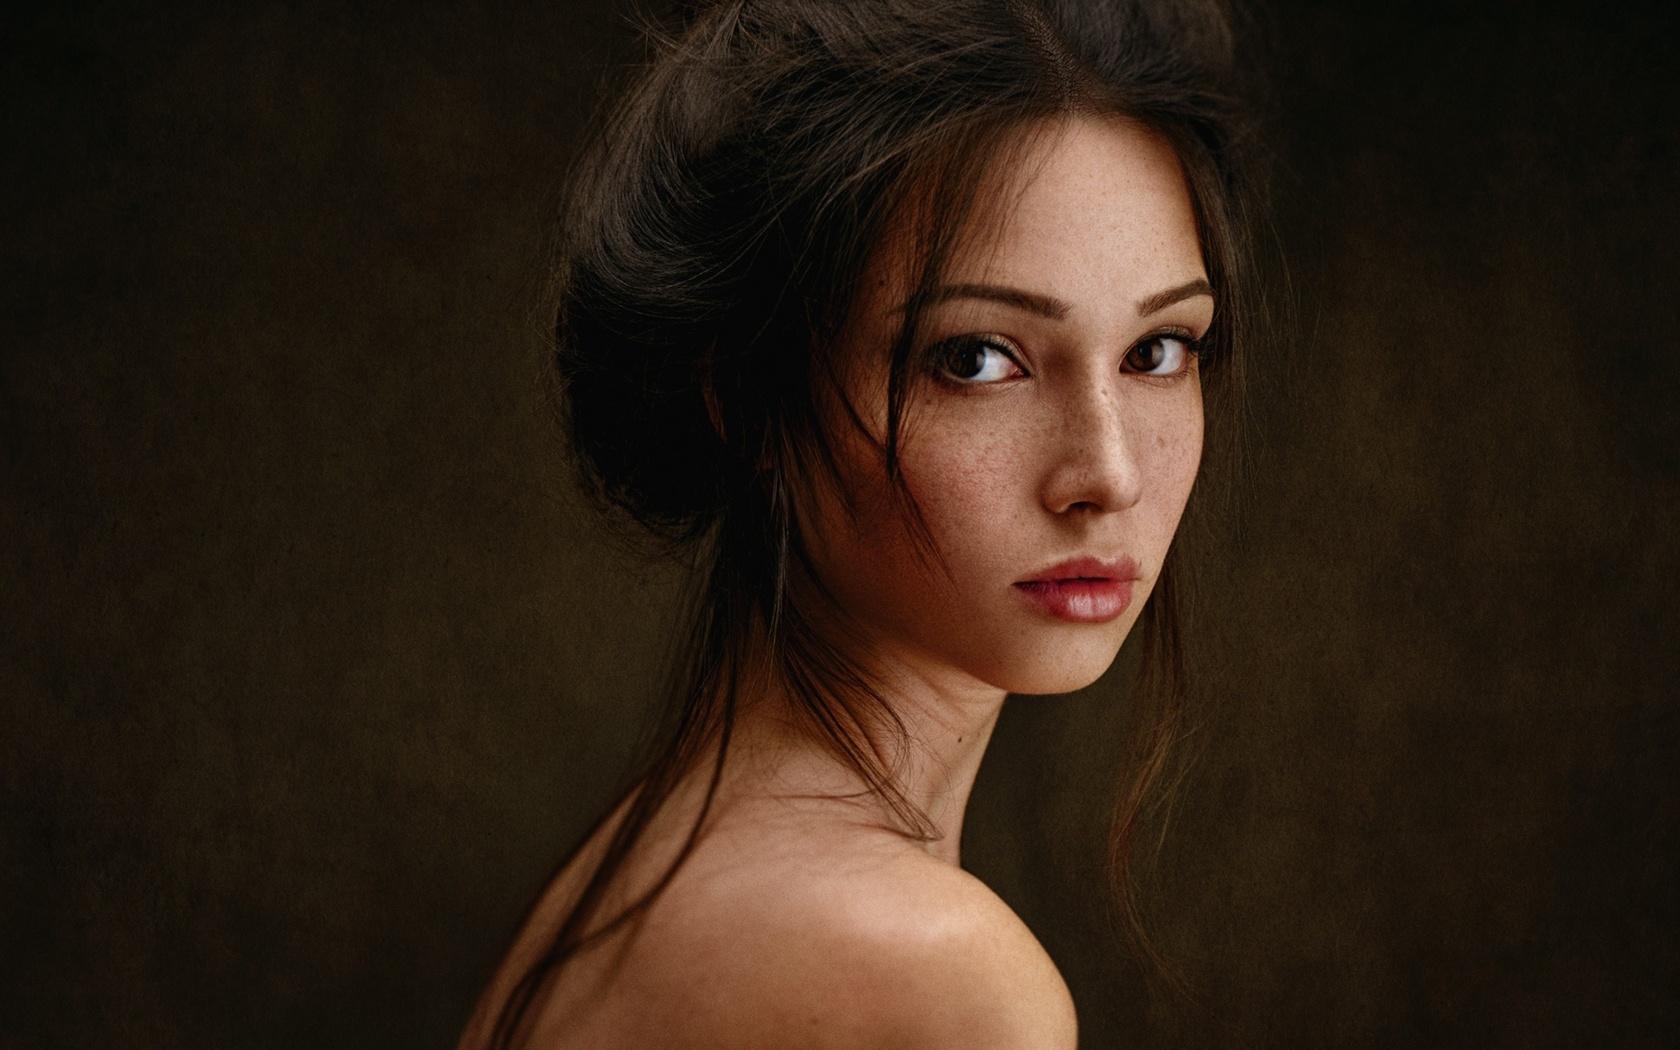 девушка, портрет, мария волох